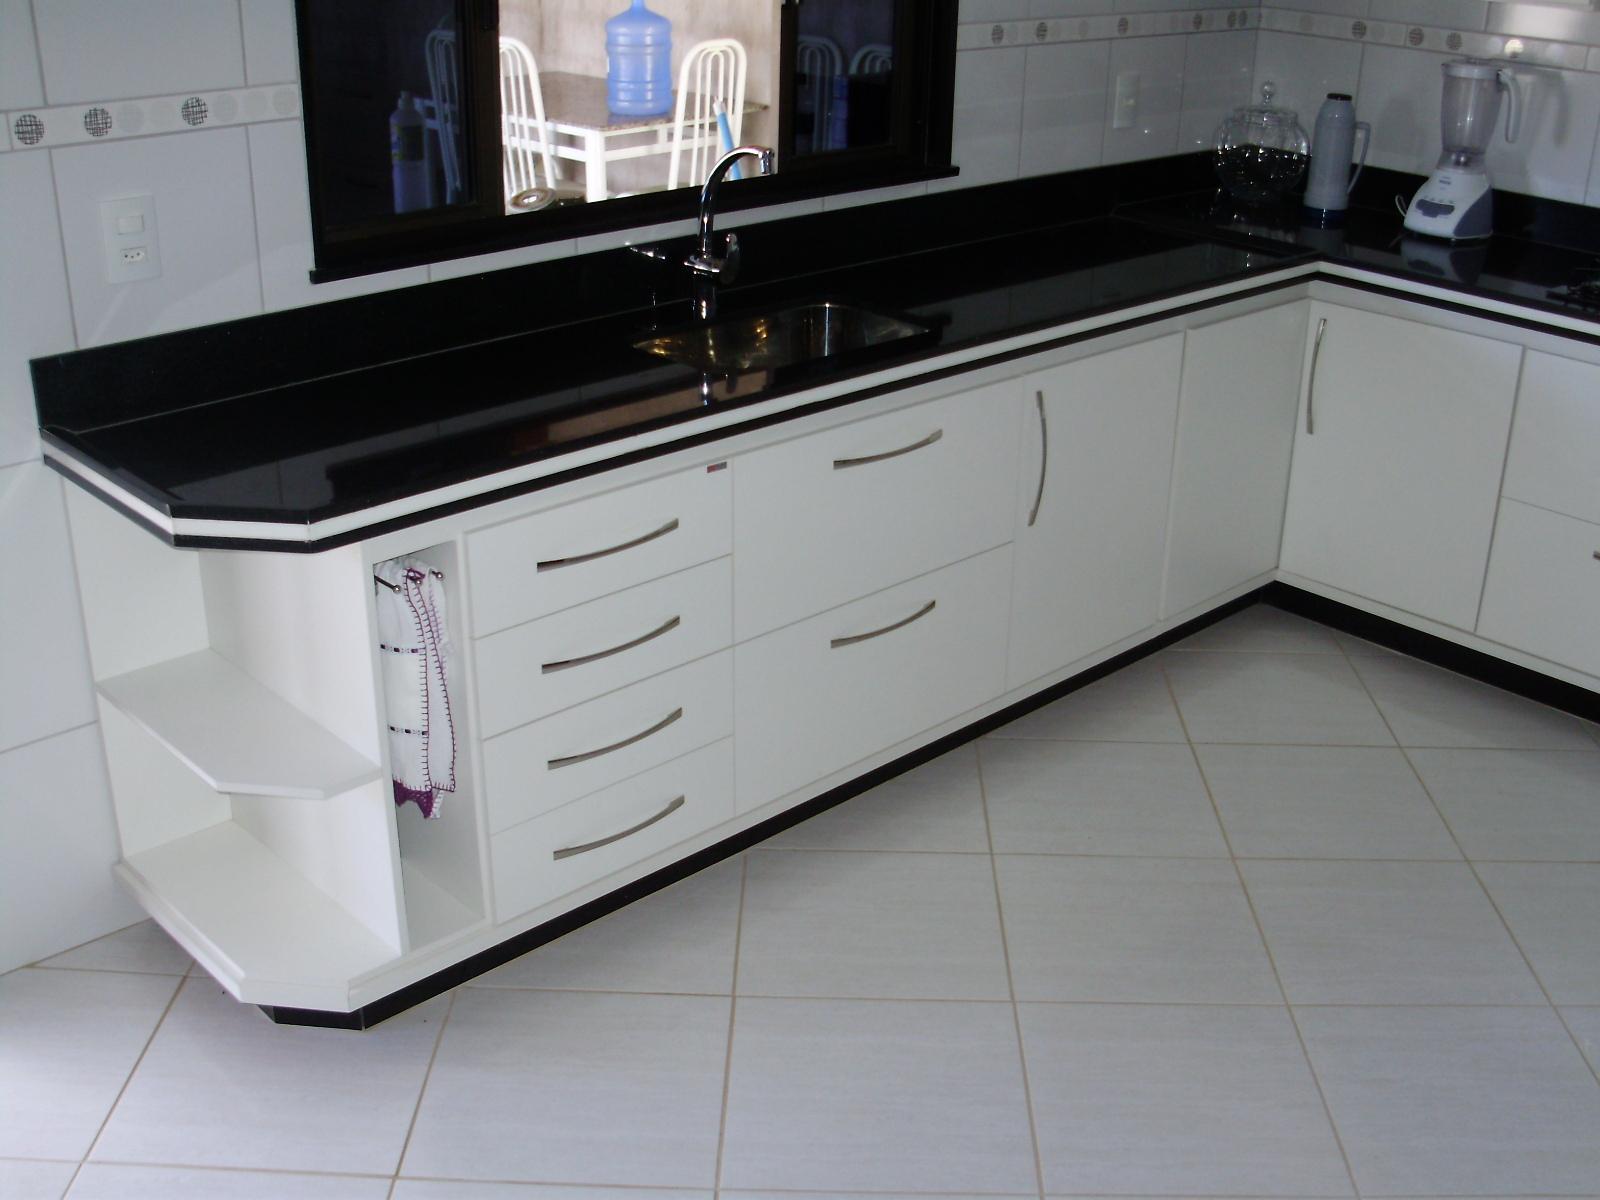 Related to Madeirol 3000 projetos de cozinhas planejadas grátis #71615A 1600 1200